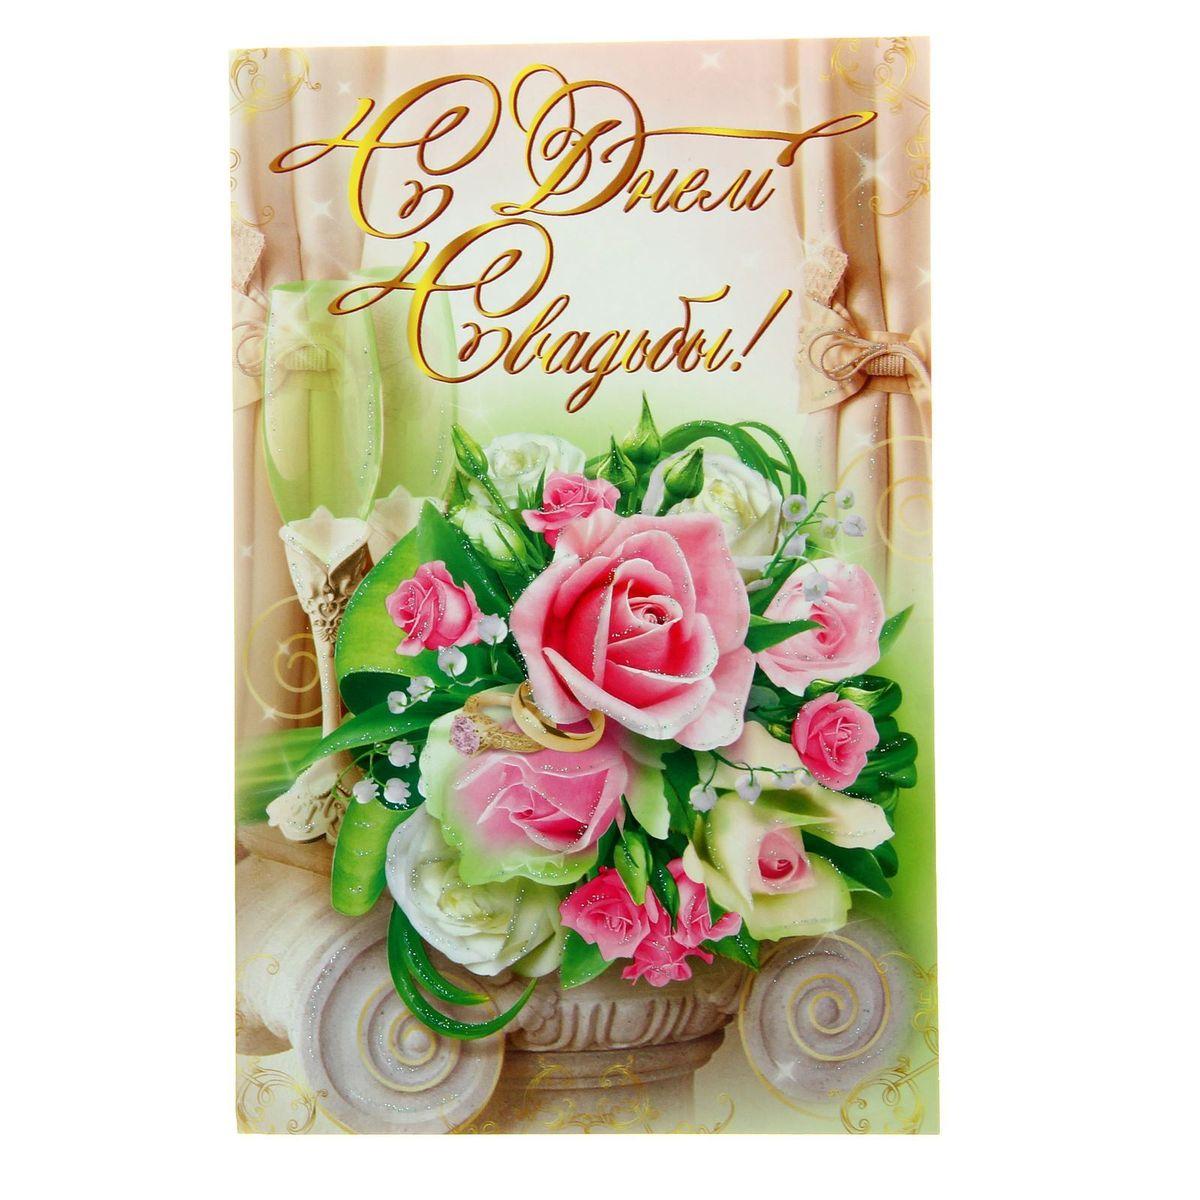 Открытка Эдельвейс С днем свадьбы!. 1162326 открытка эдельвейс с днем свадьбы 1162326